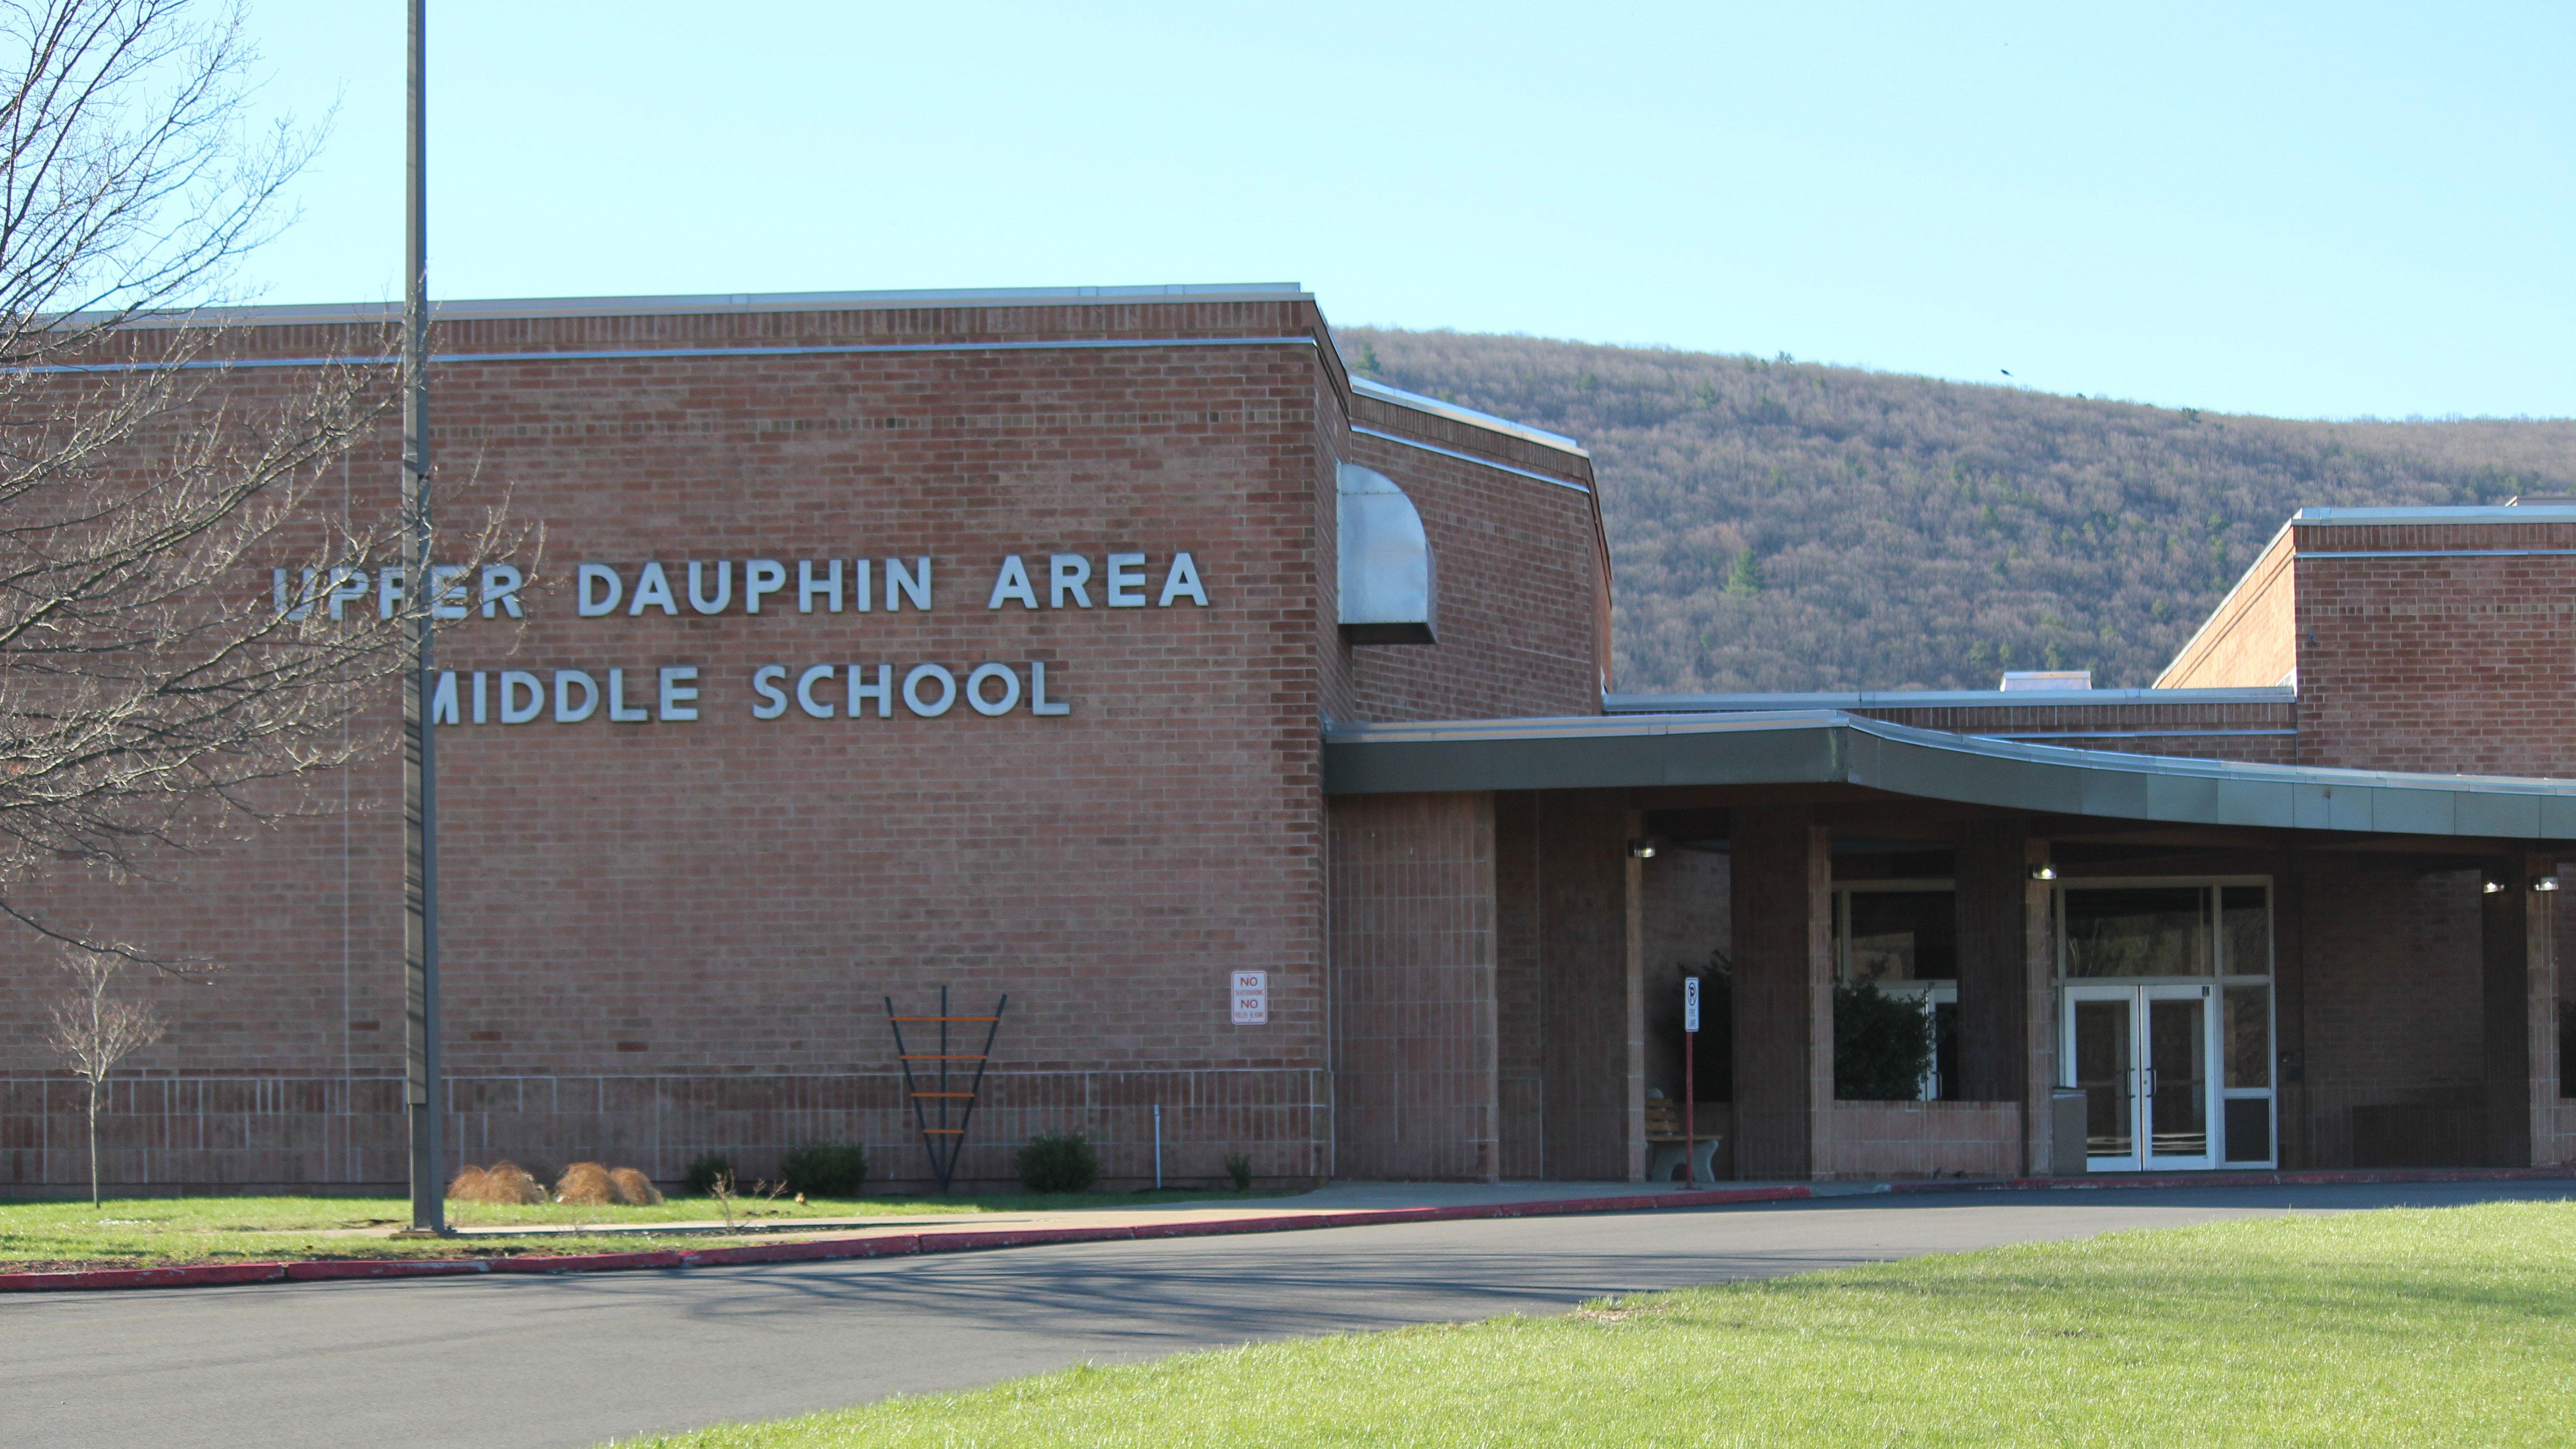 upper dauphin area middle school building